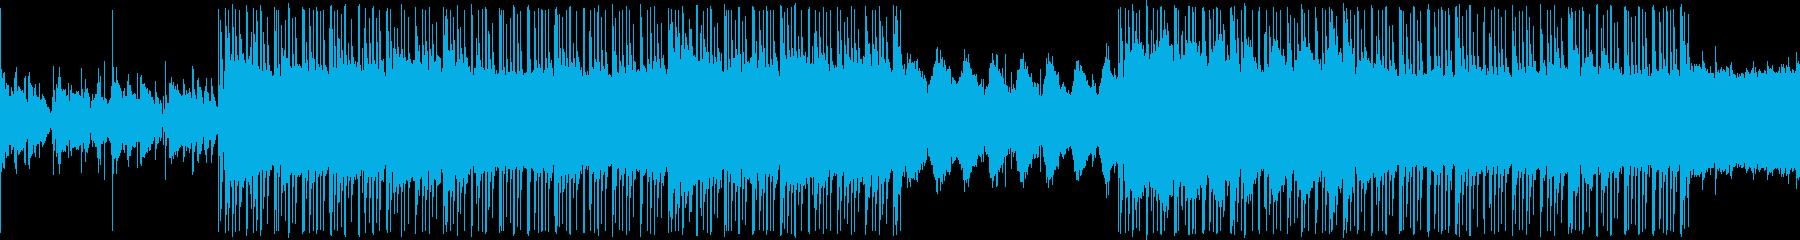 ローファイ ヒップホップの再生済みの波形